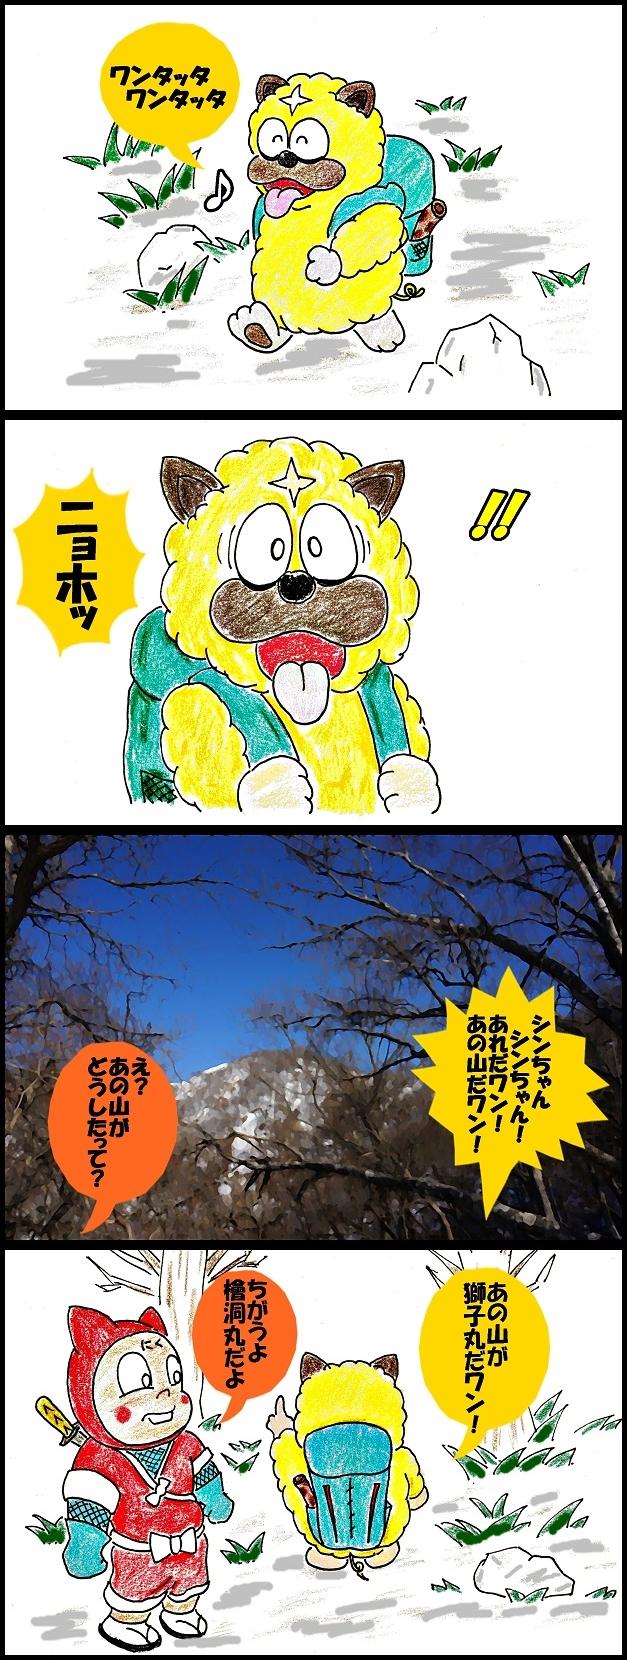 檜洞丸漫画.jpg